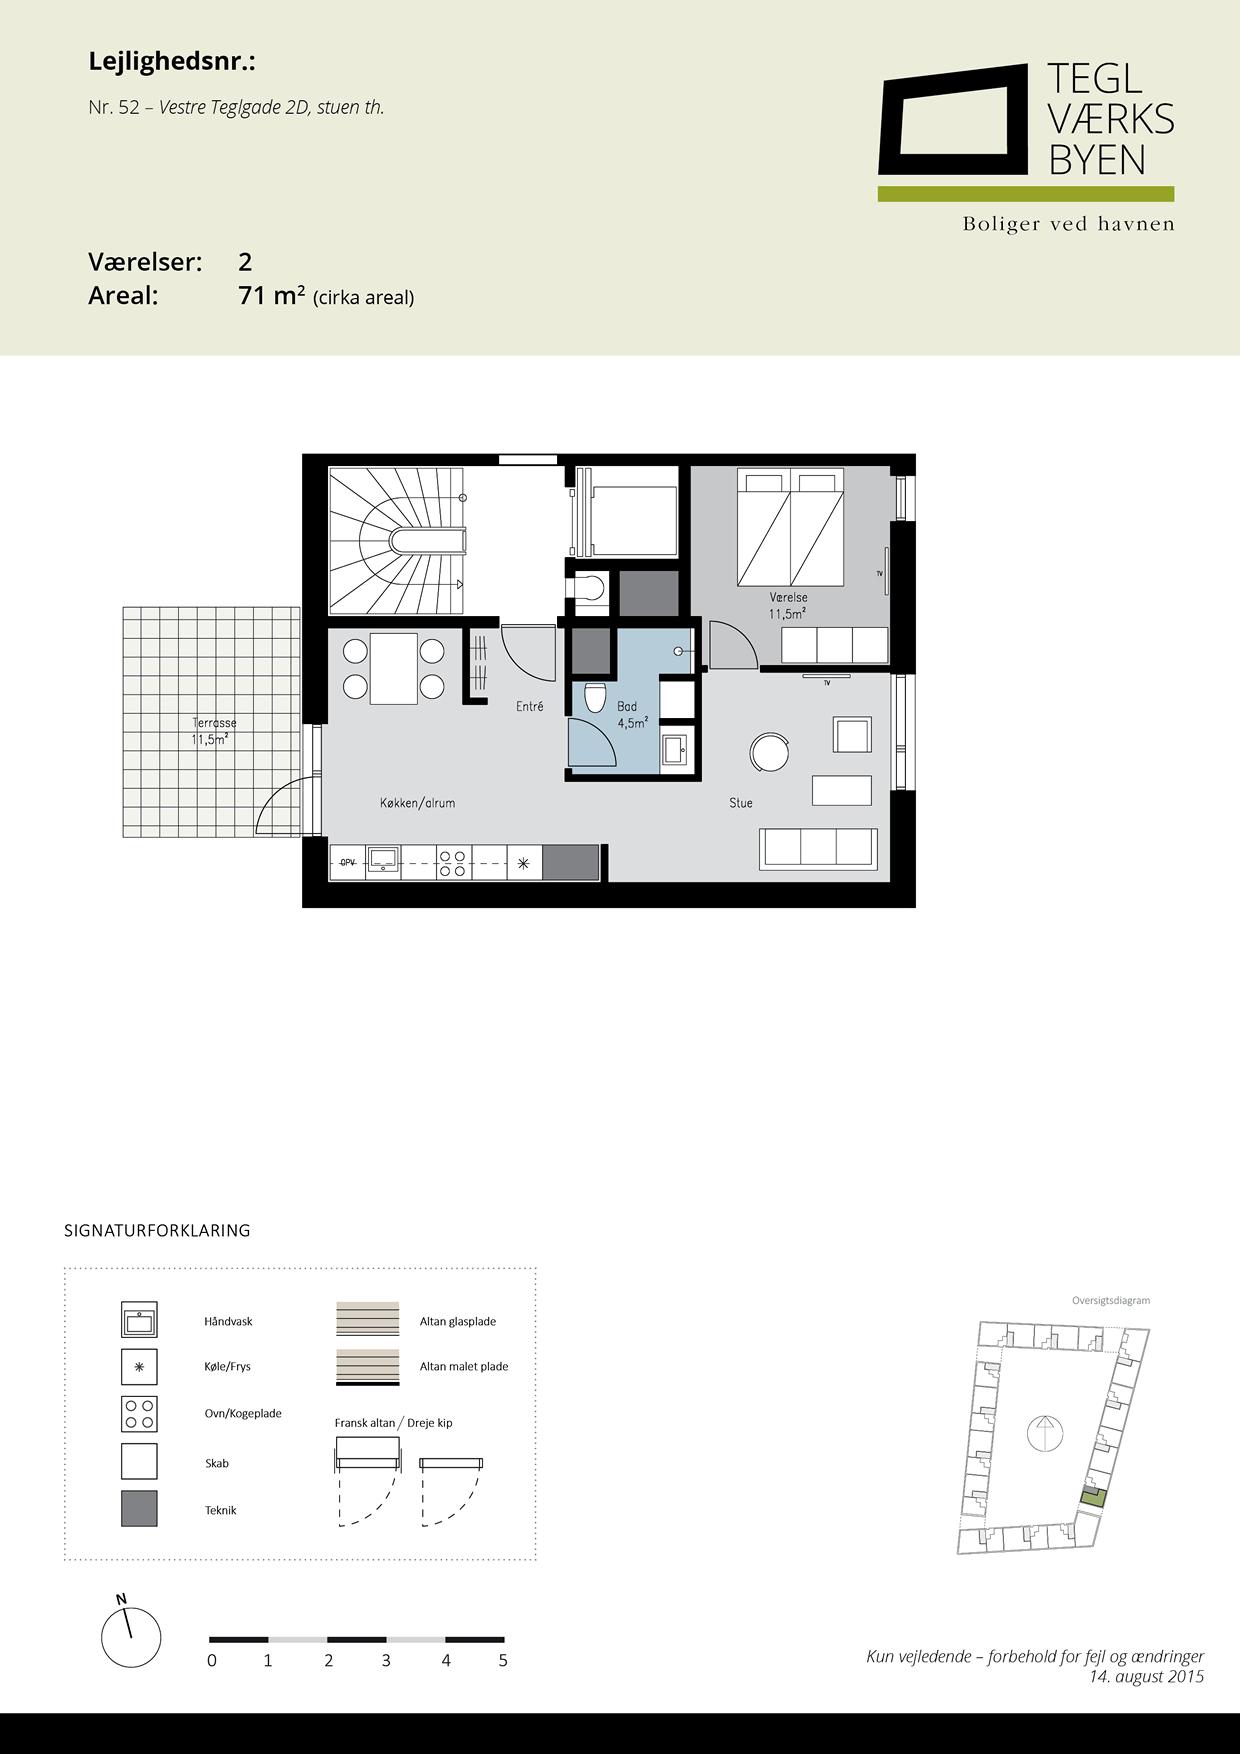 Teglvaerksbyen_52_plan